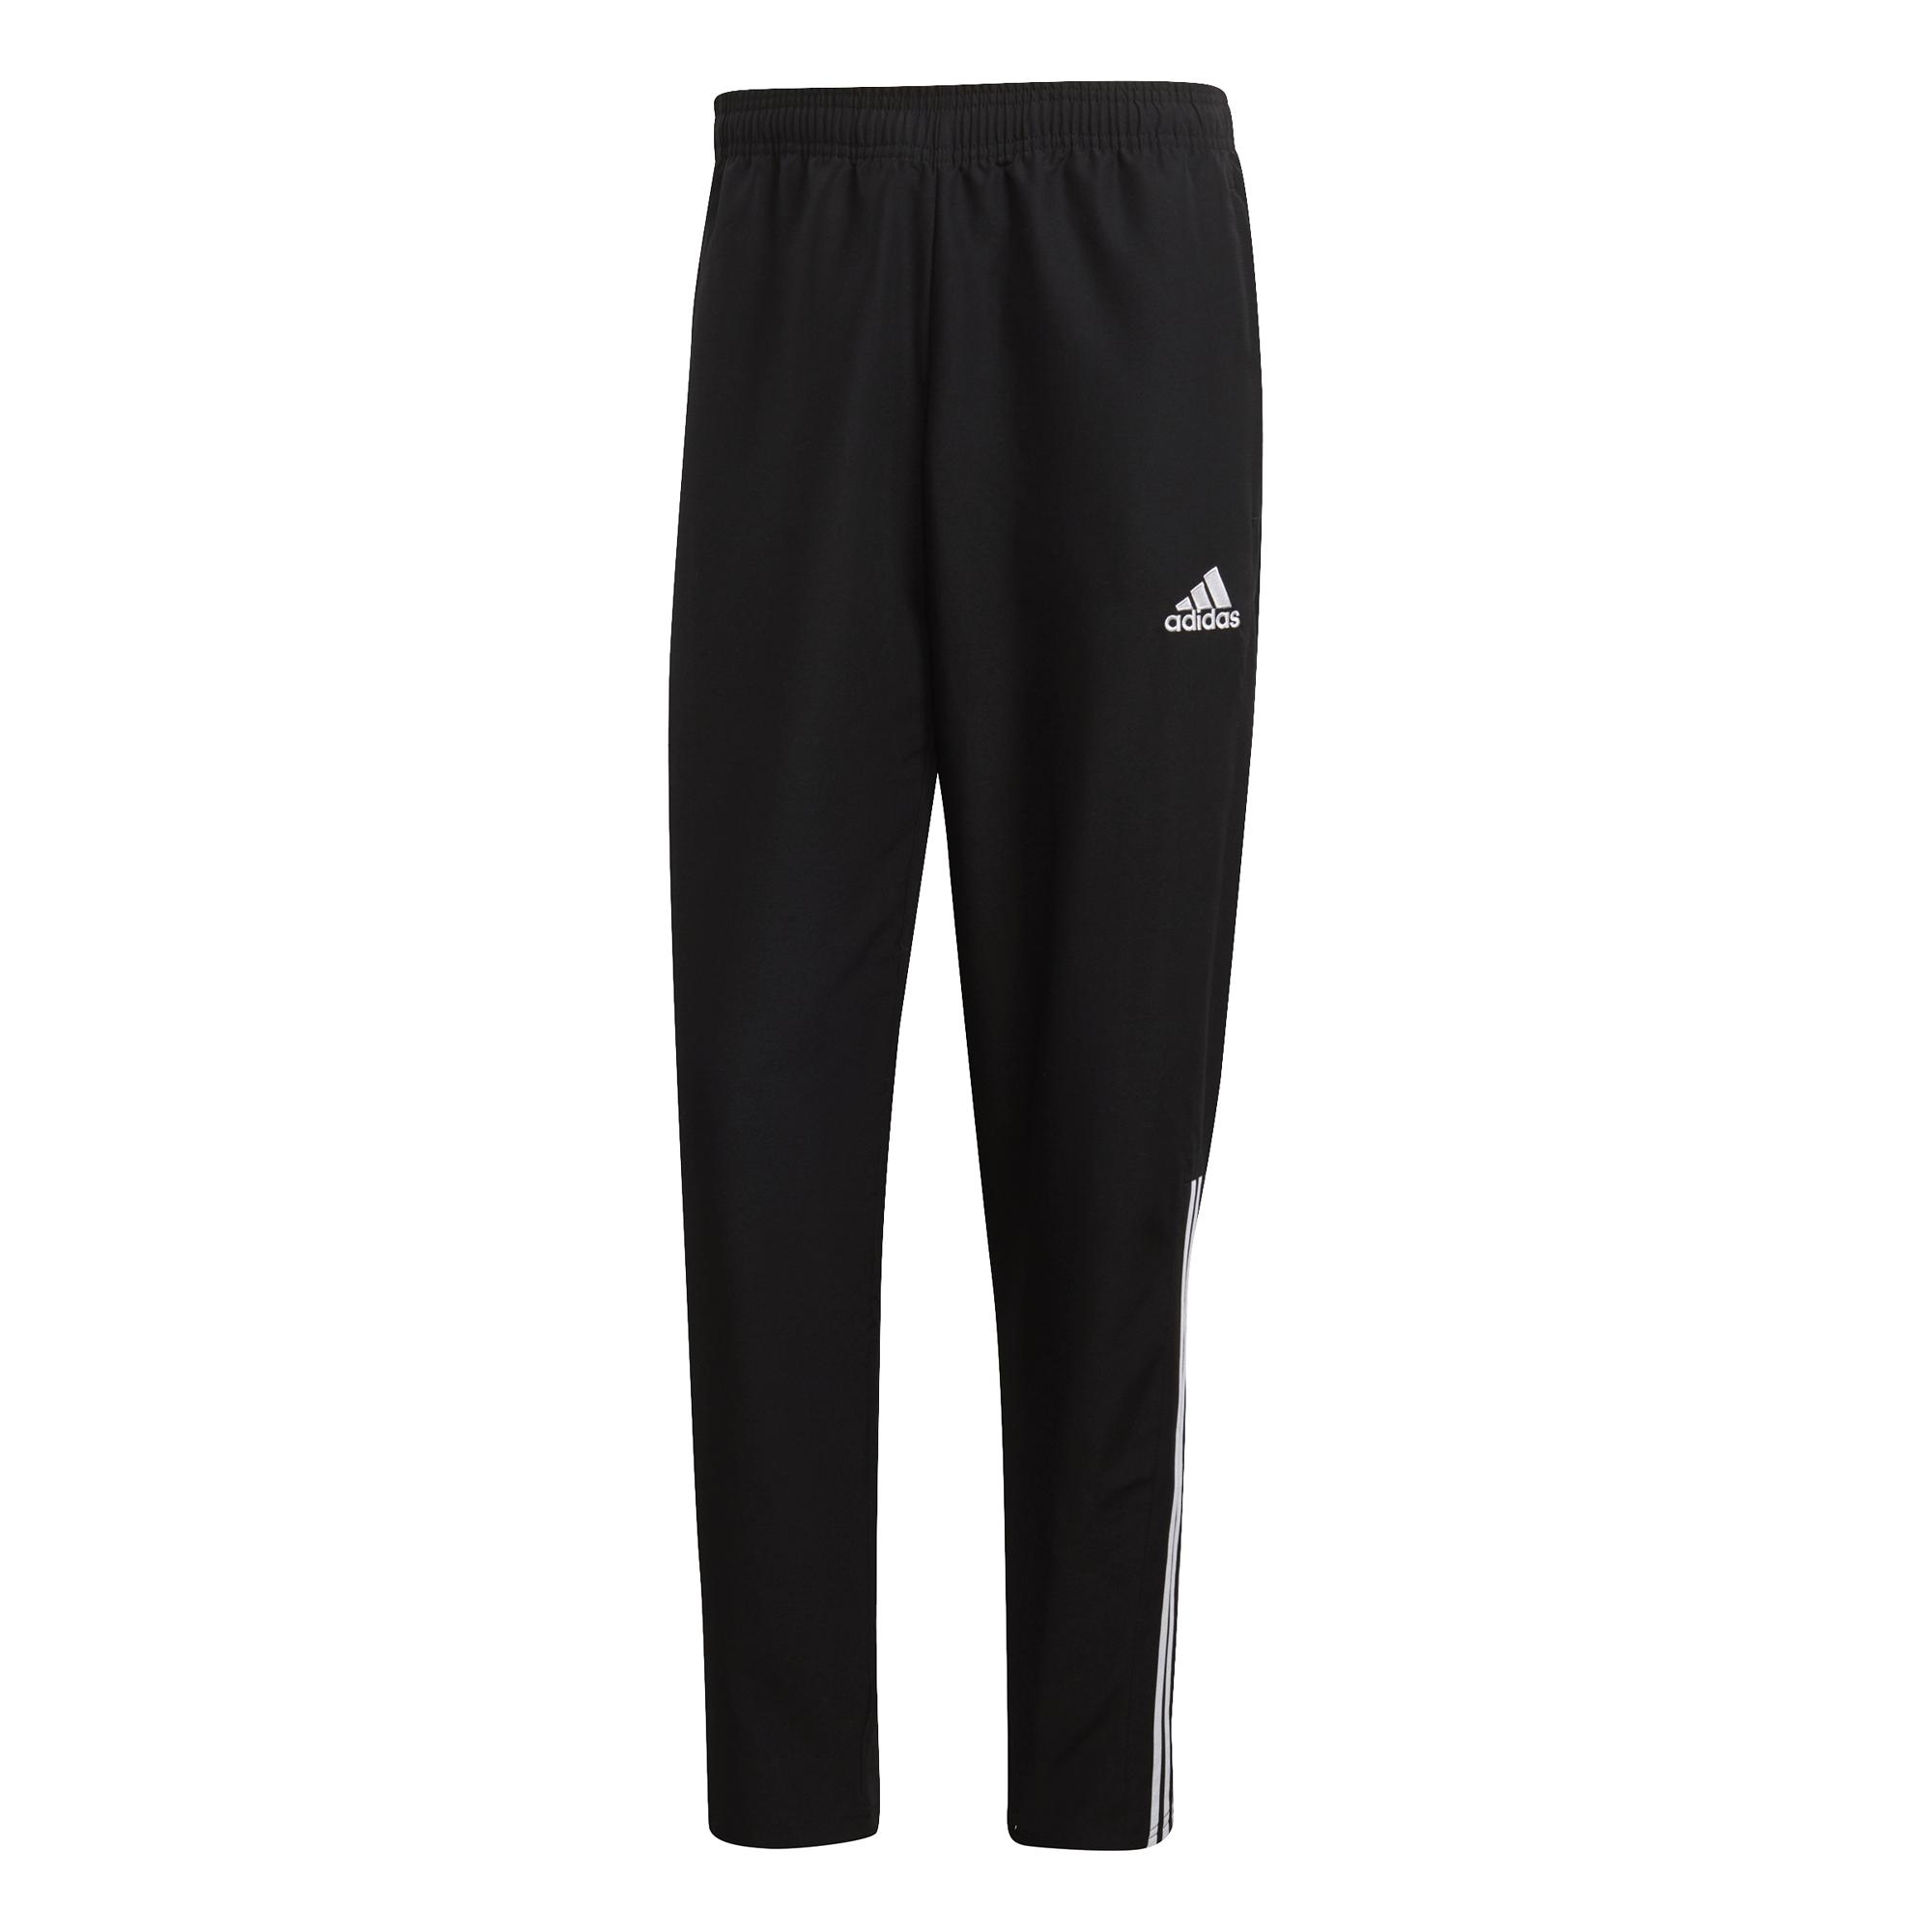 ADIDAS vycházkové kalhoty Regista 18